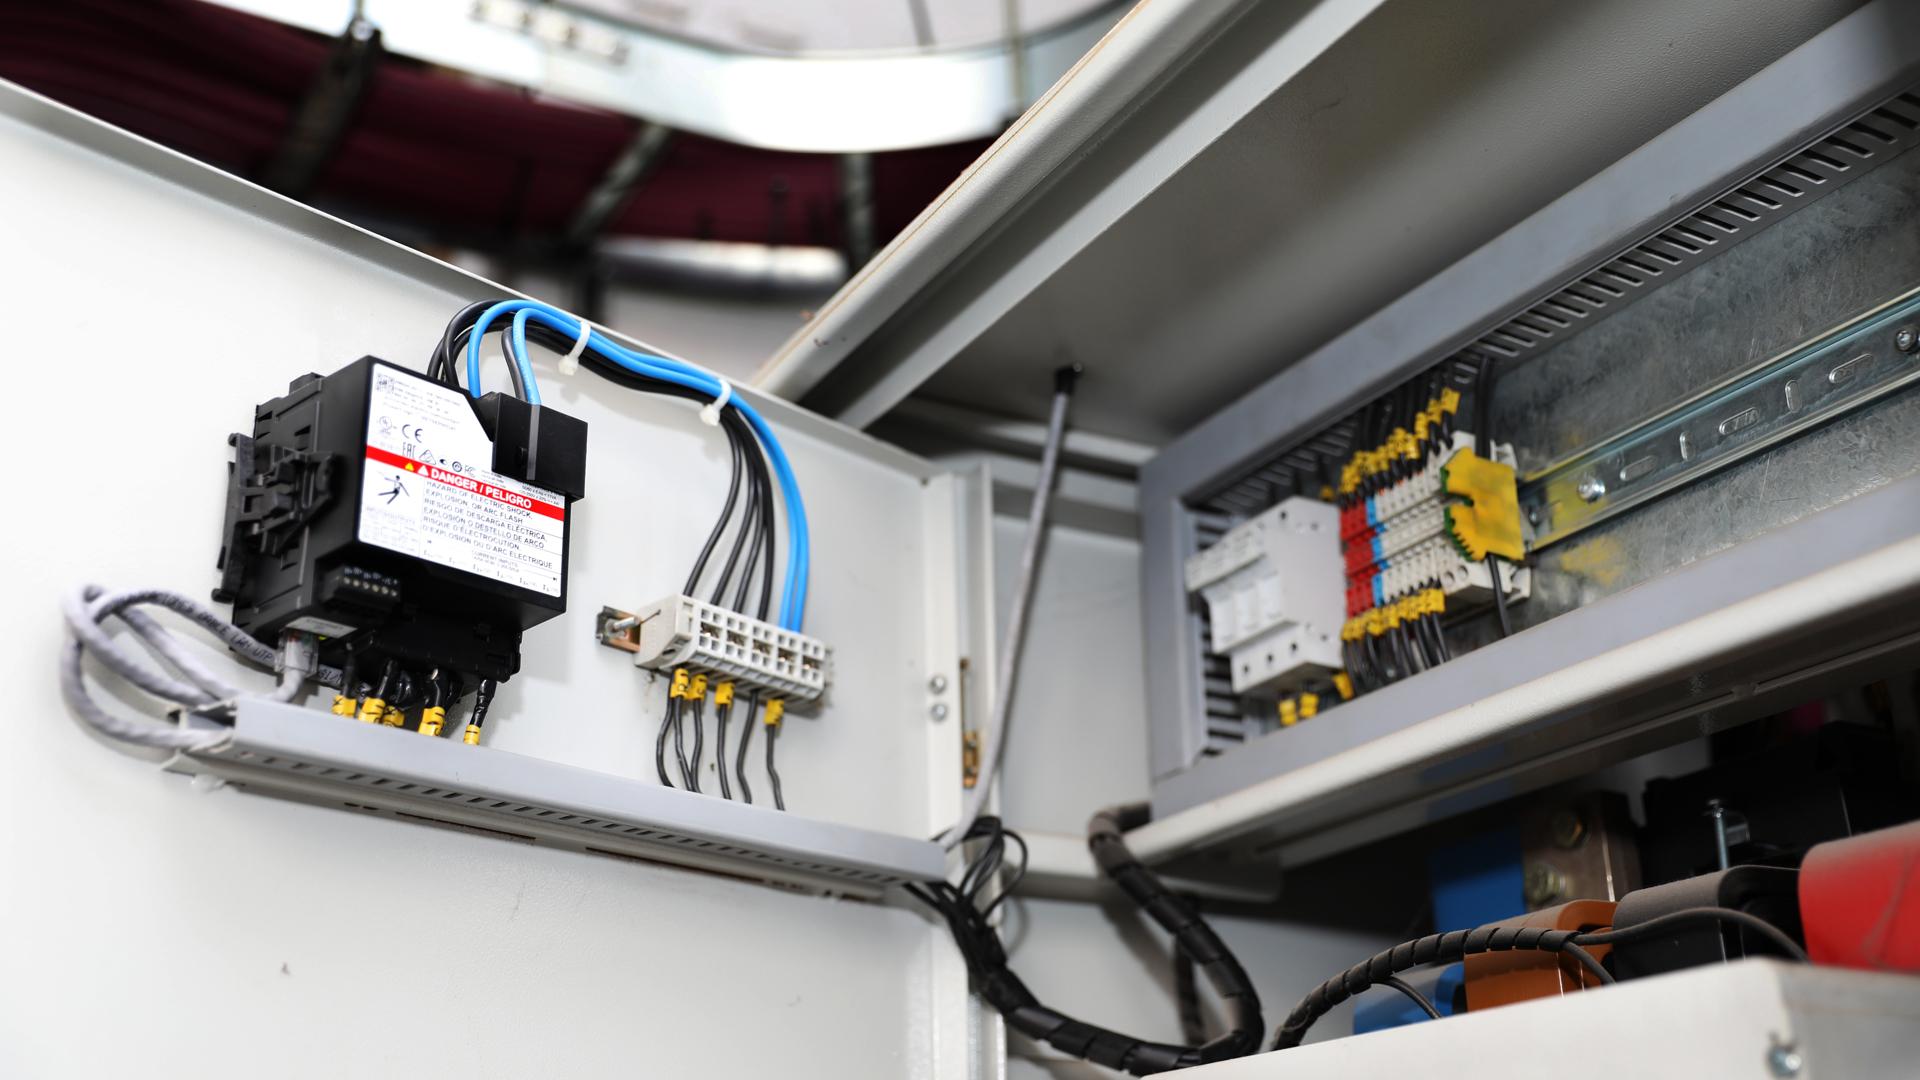 CNEA monitorea sus consumos eléctricos a través de analizadores de red